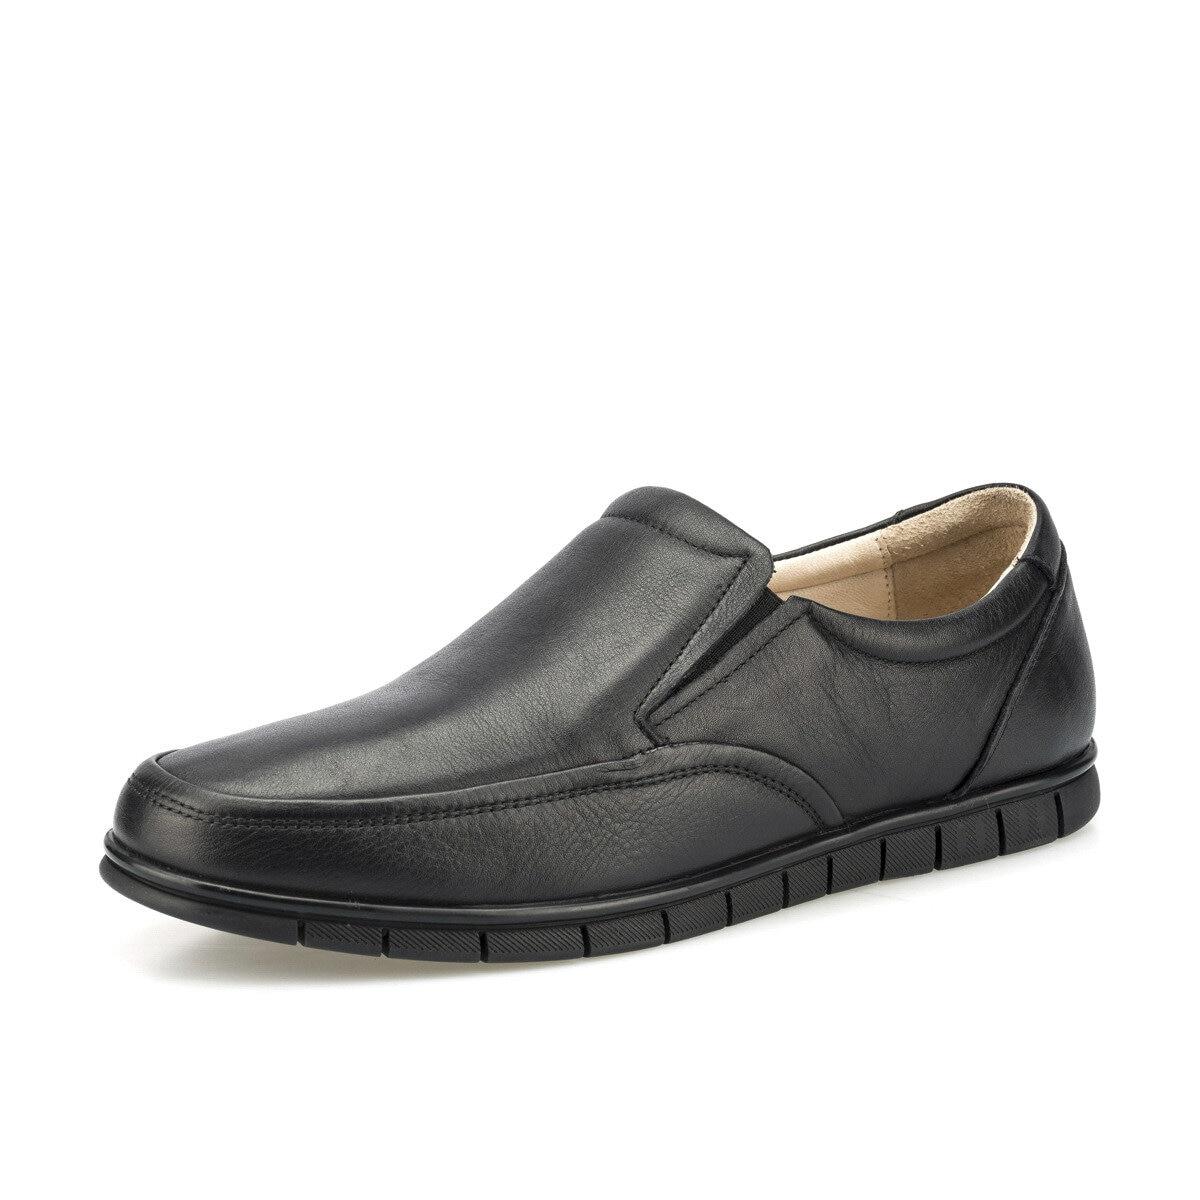 FLO 102066.M Black Men 'S Classic Shoes Polaris 5 Point